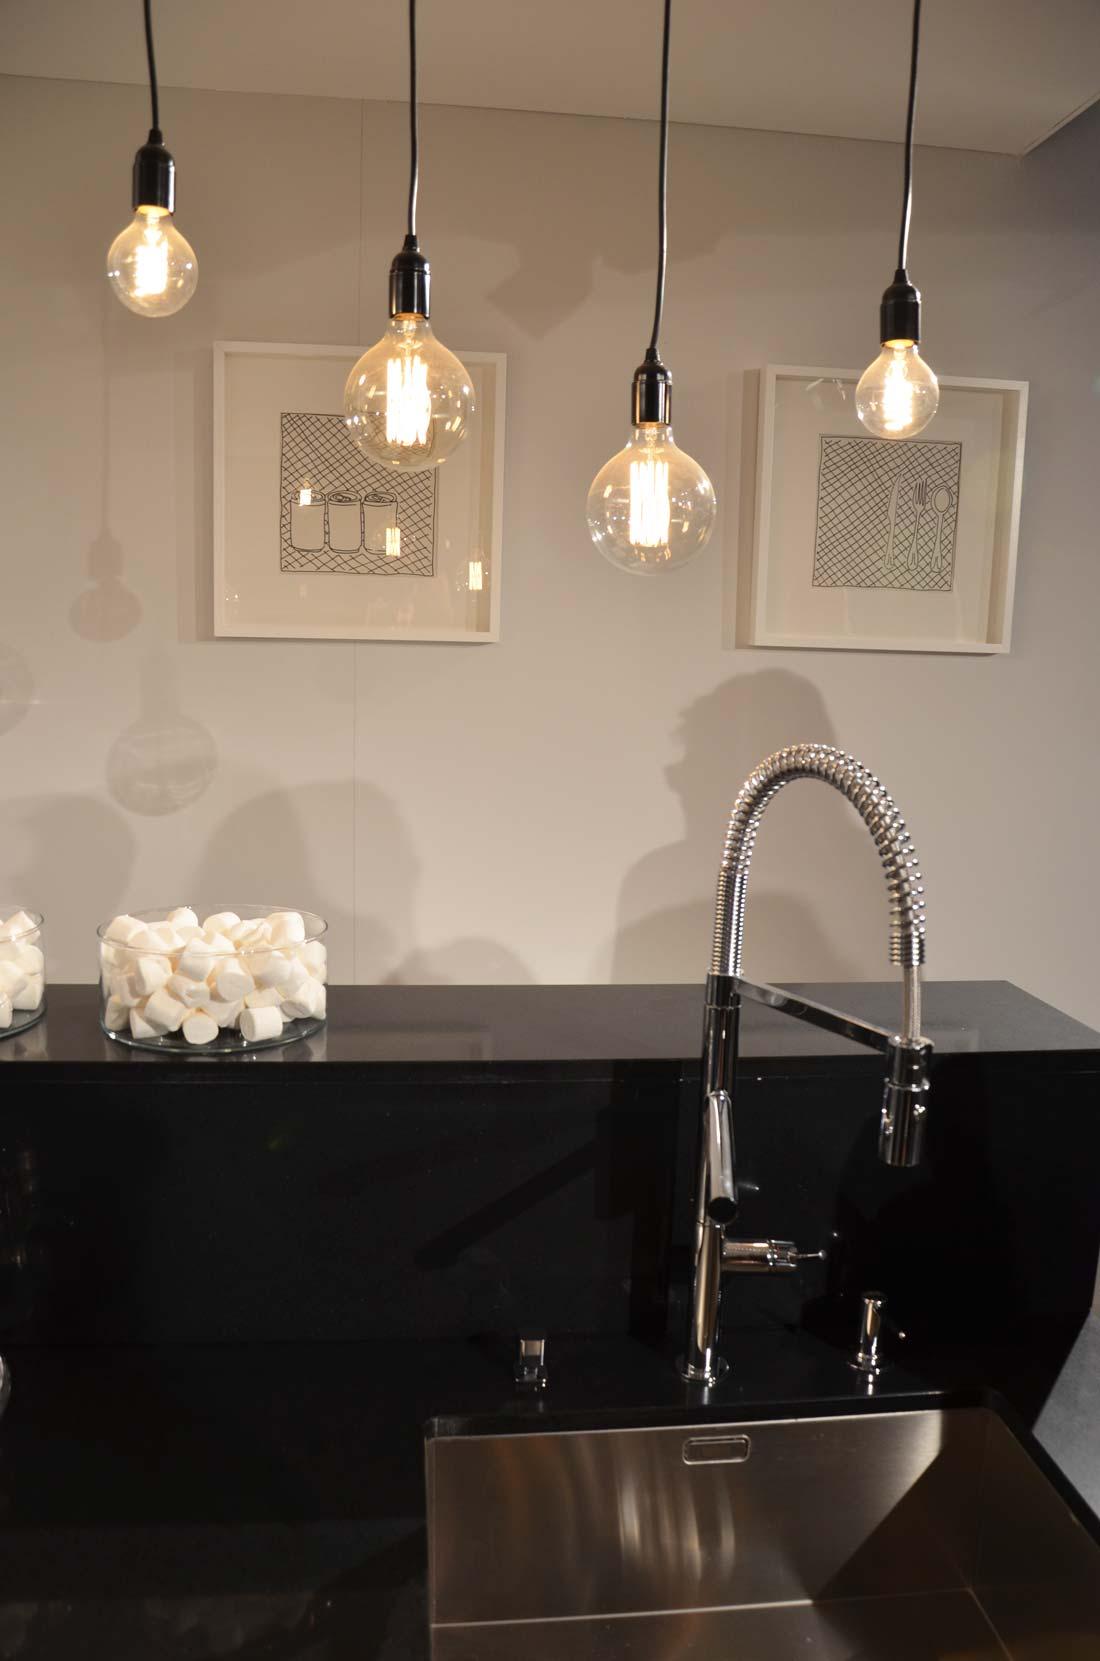 douchette dans une cuisine Lapeyre